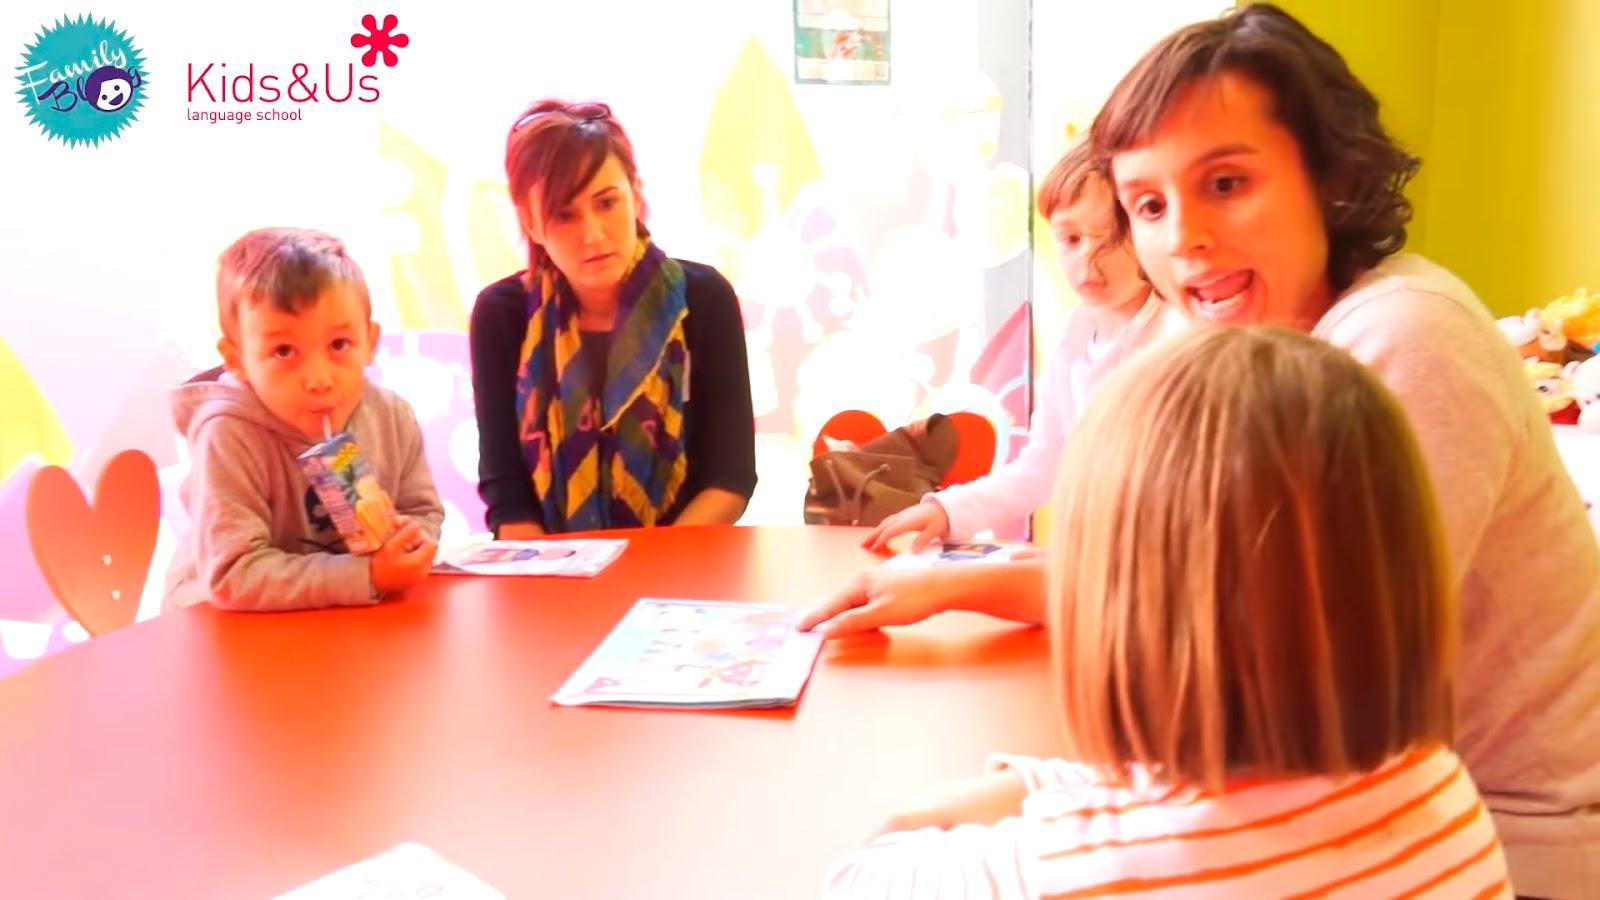 Colaboración Kids&Us